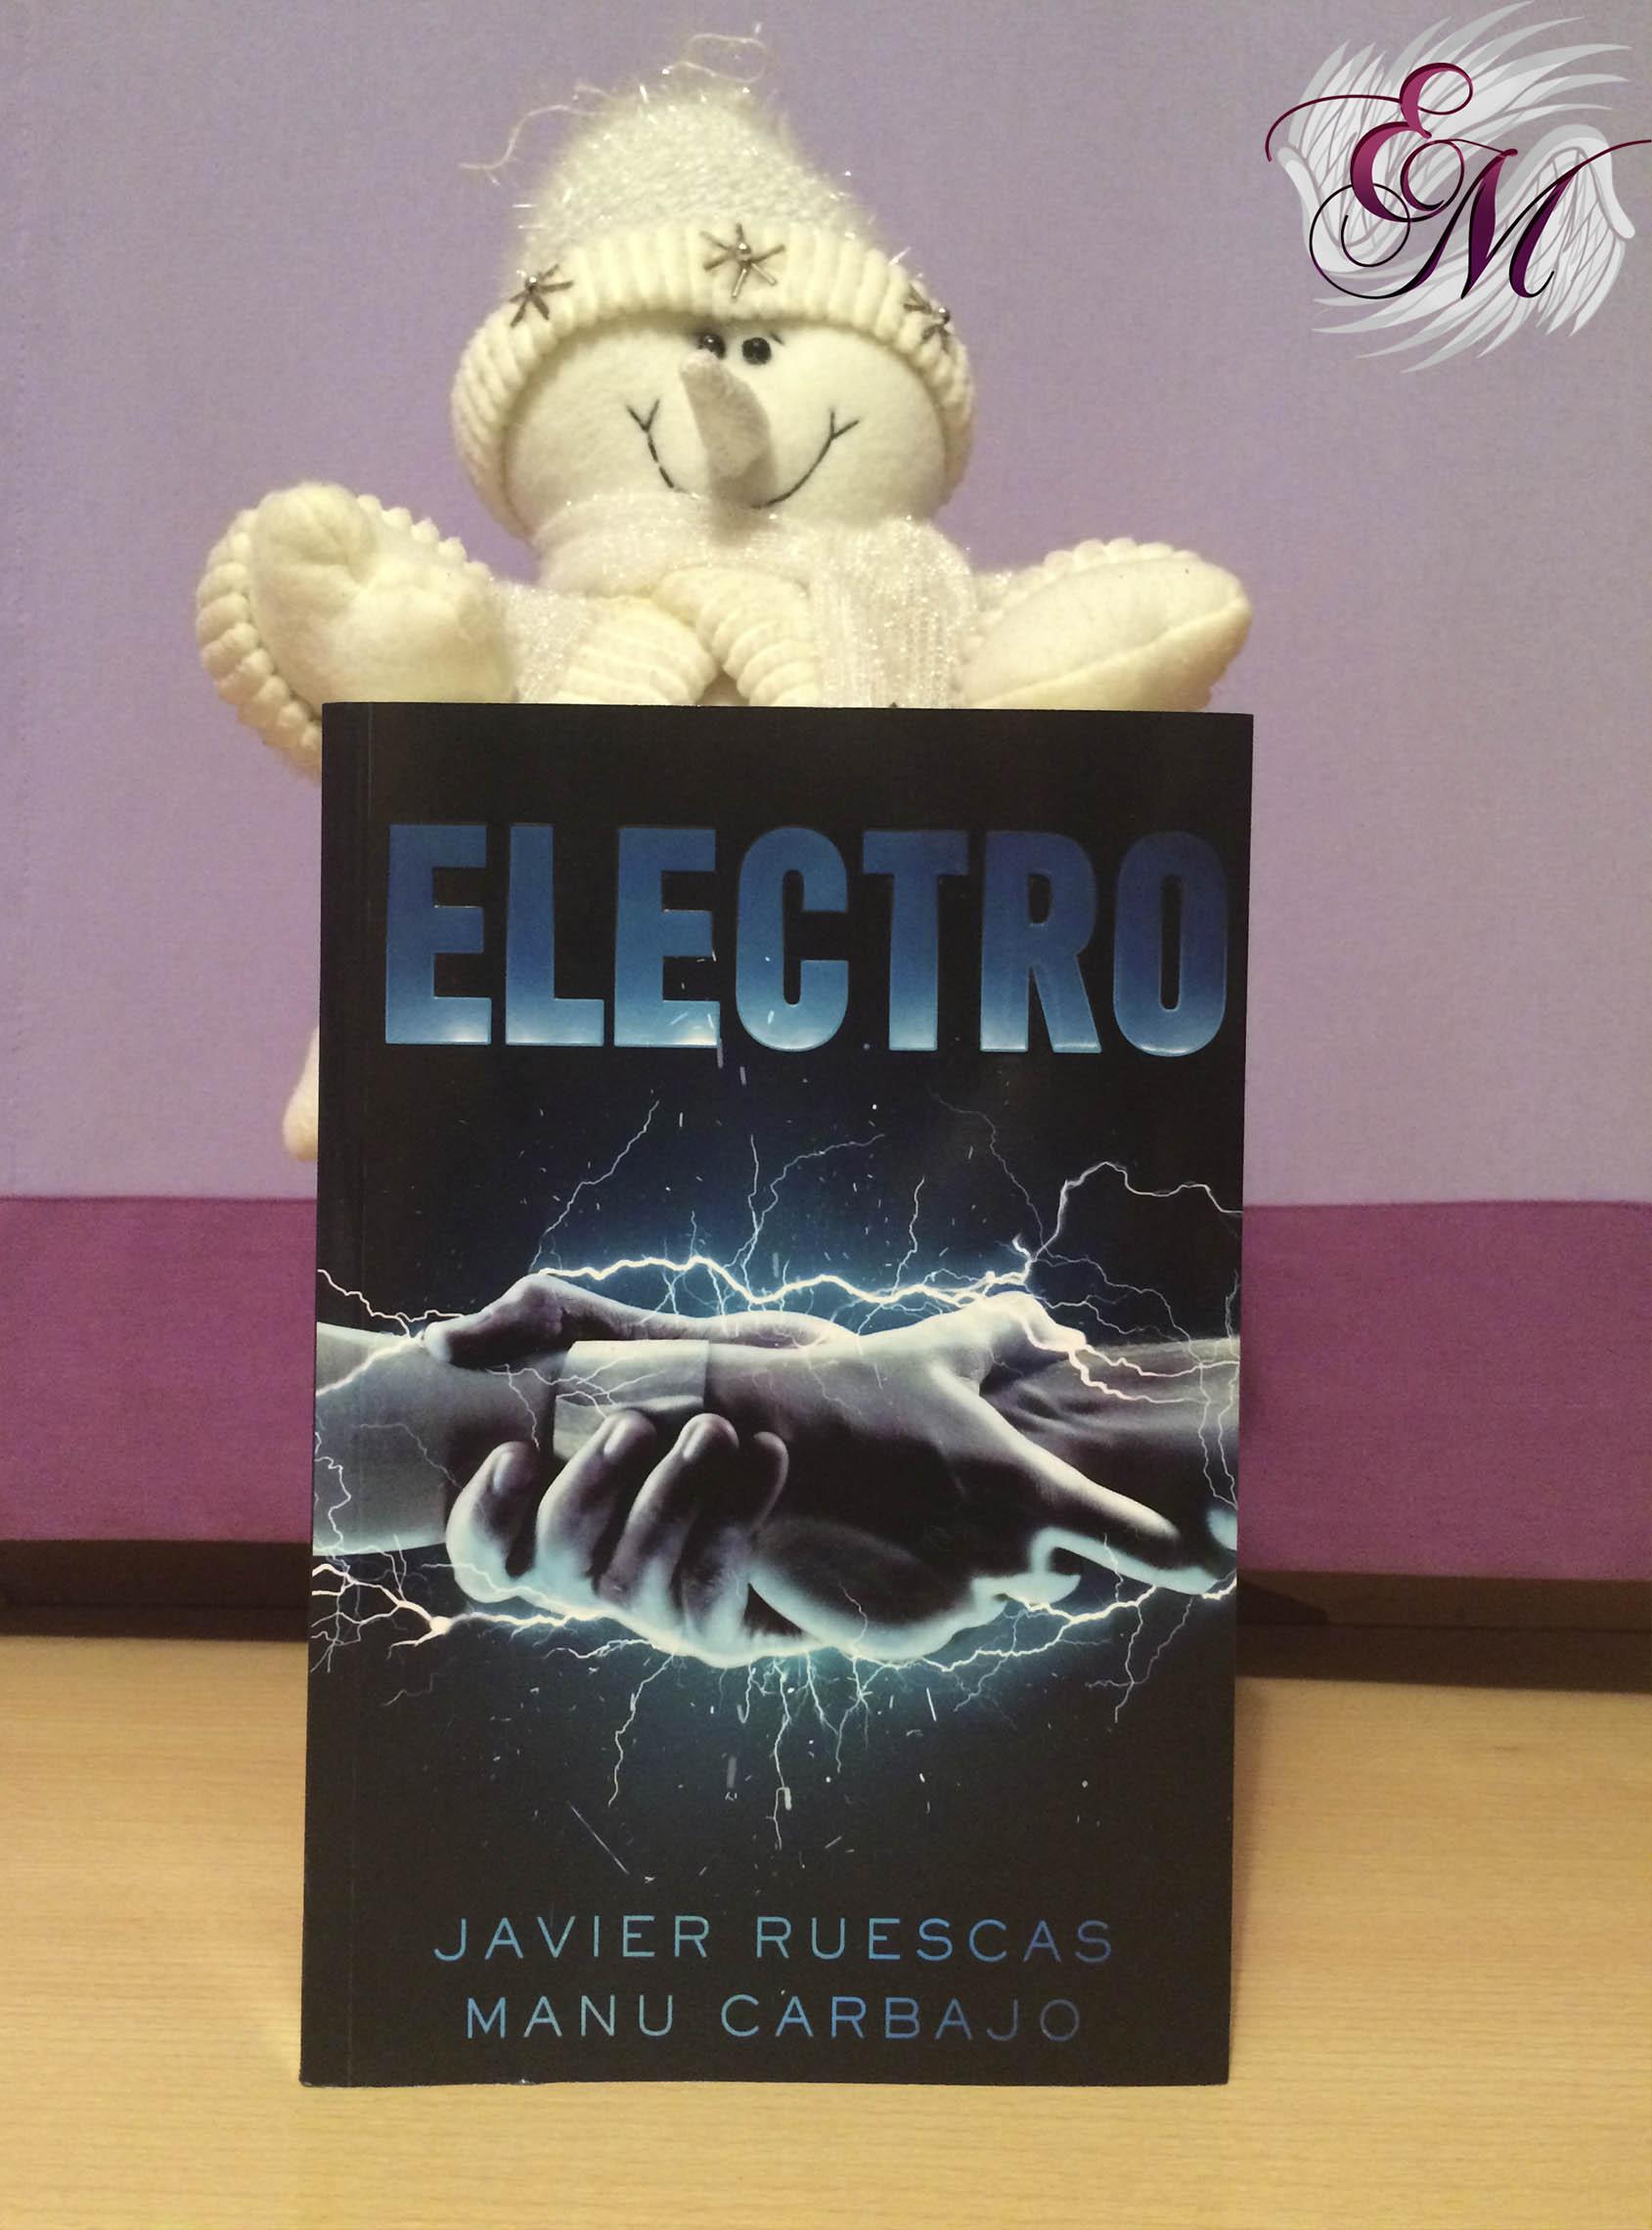 Electro, de Javier Ruescas y Manu Carbajo - Reseña